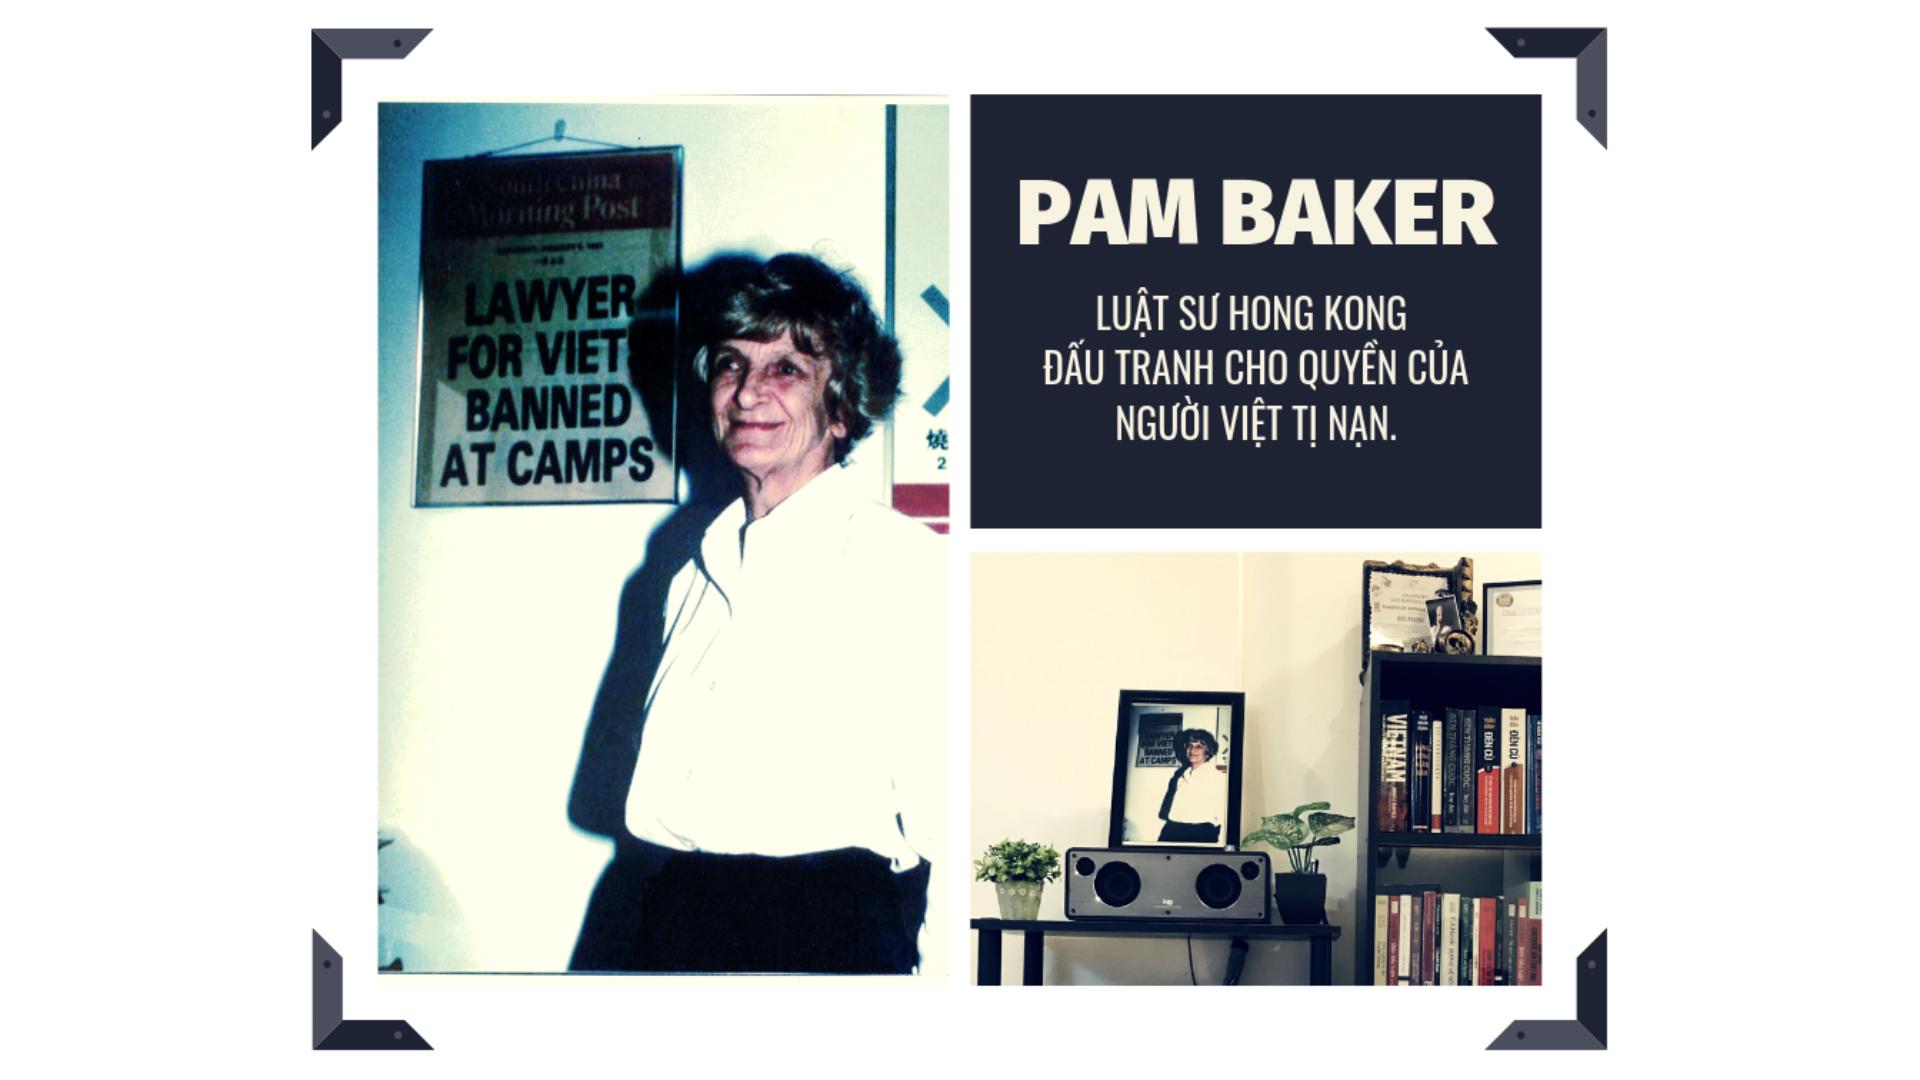 Pam Baker – Người luật sư đấu tranh cho quyền của người Việt tị nạn ở Hong Kong